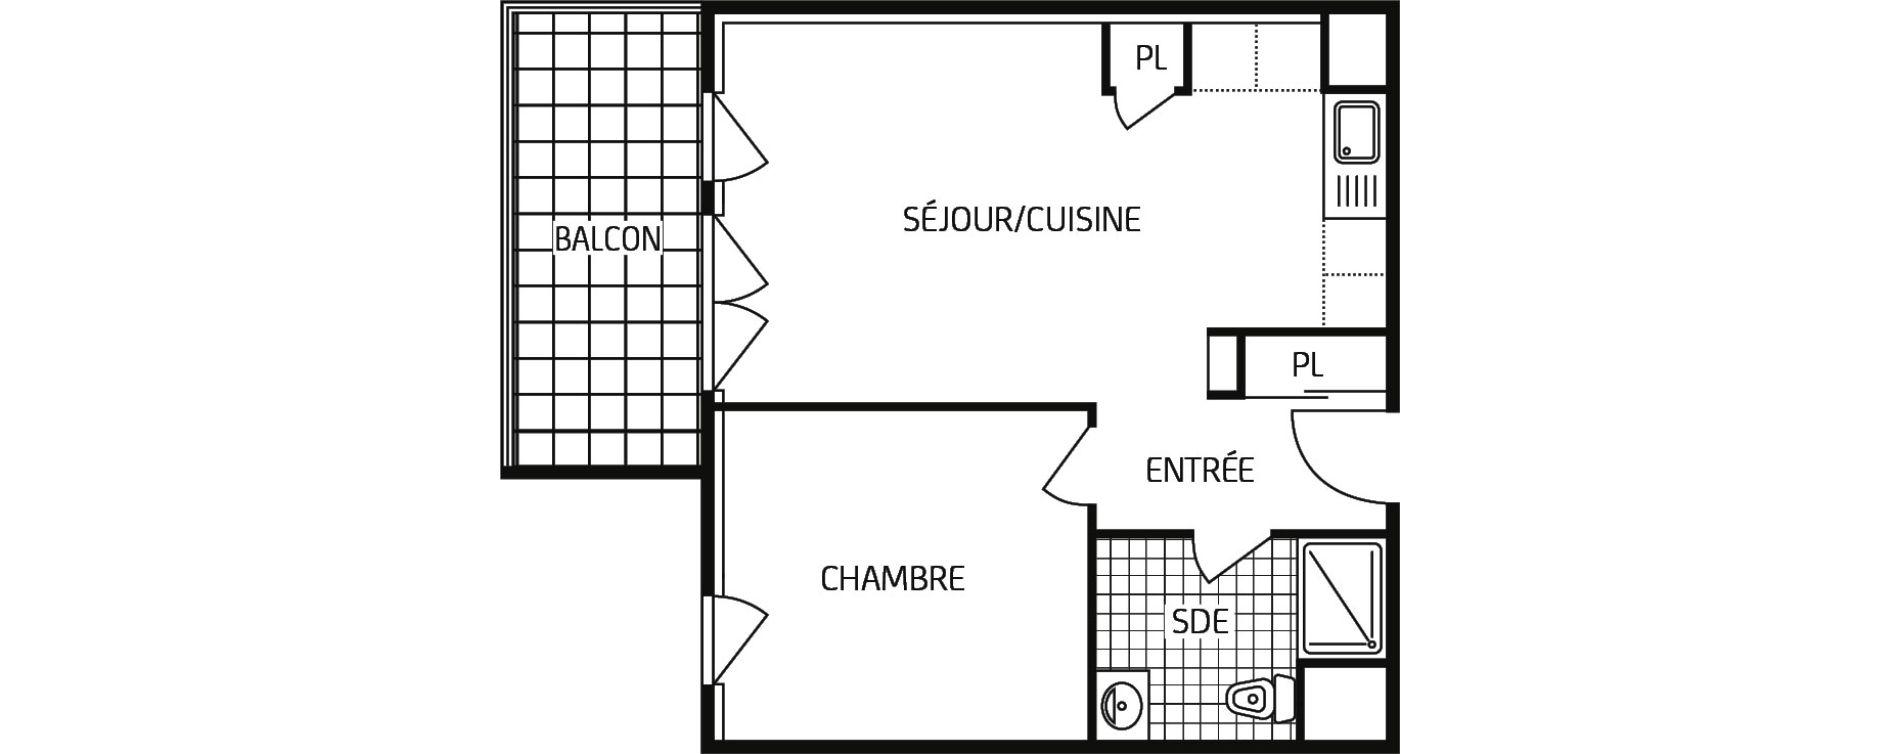 Appartement T2 de 43,69 m2 à Grand-Couronne Centre